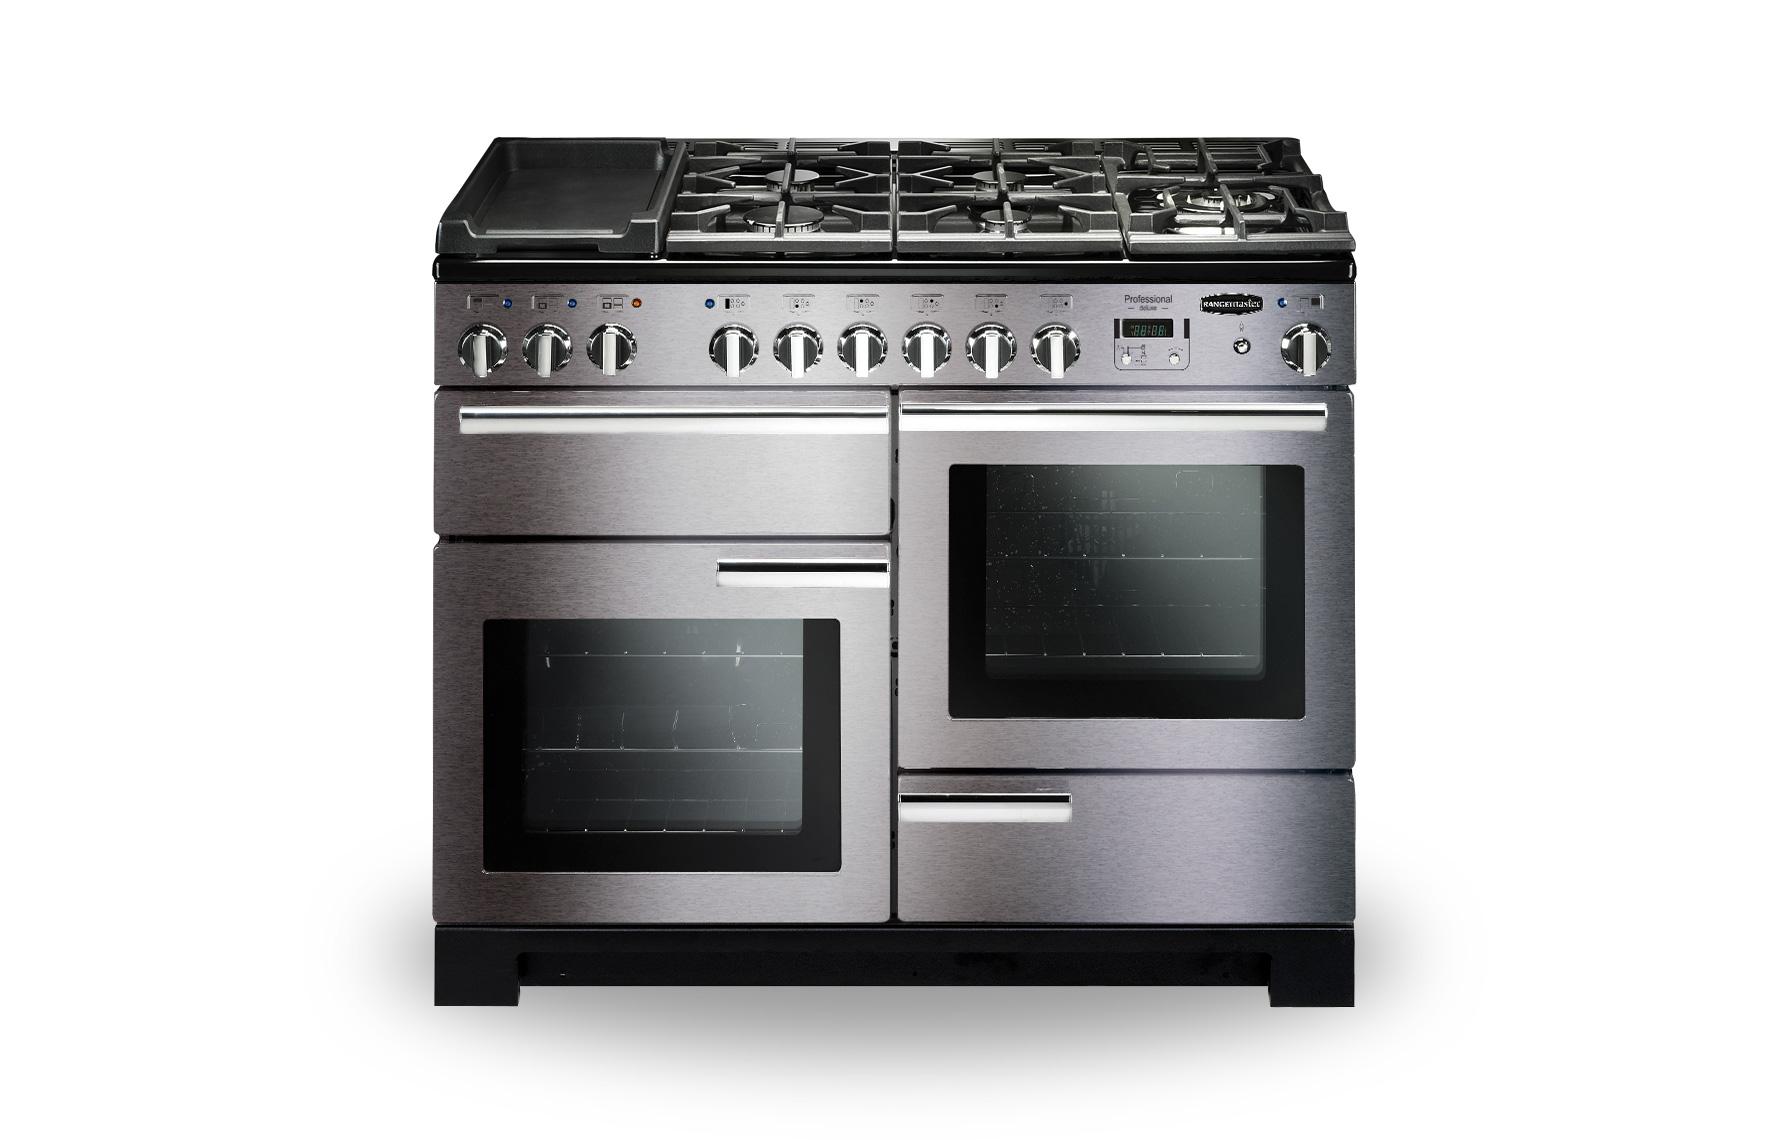 Rangemaster Professional Deluxe 110 Range Cookers